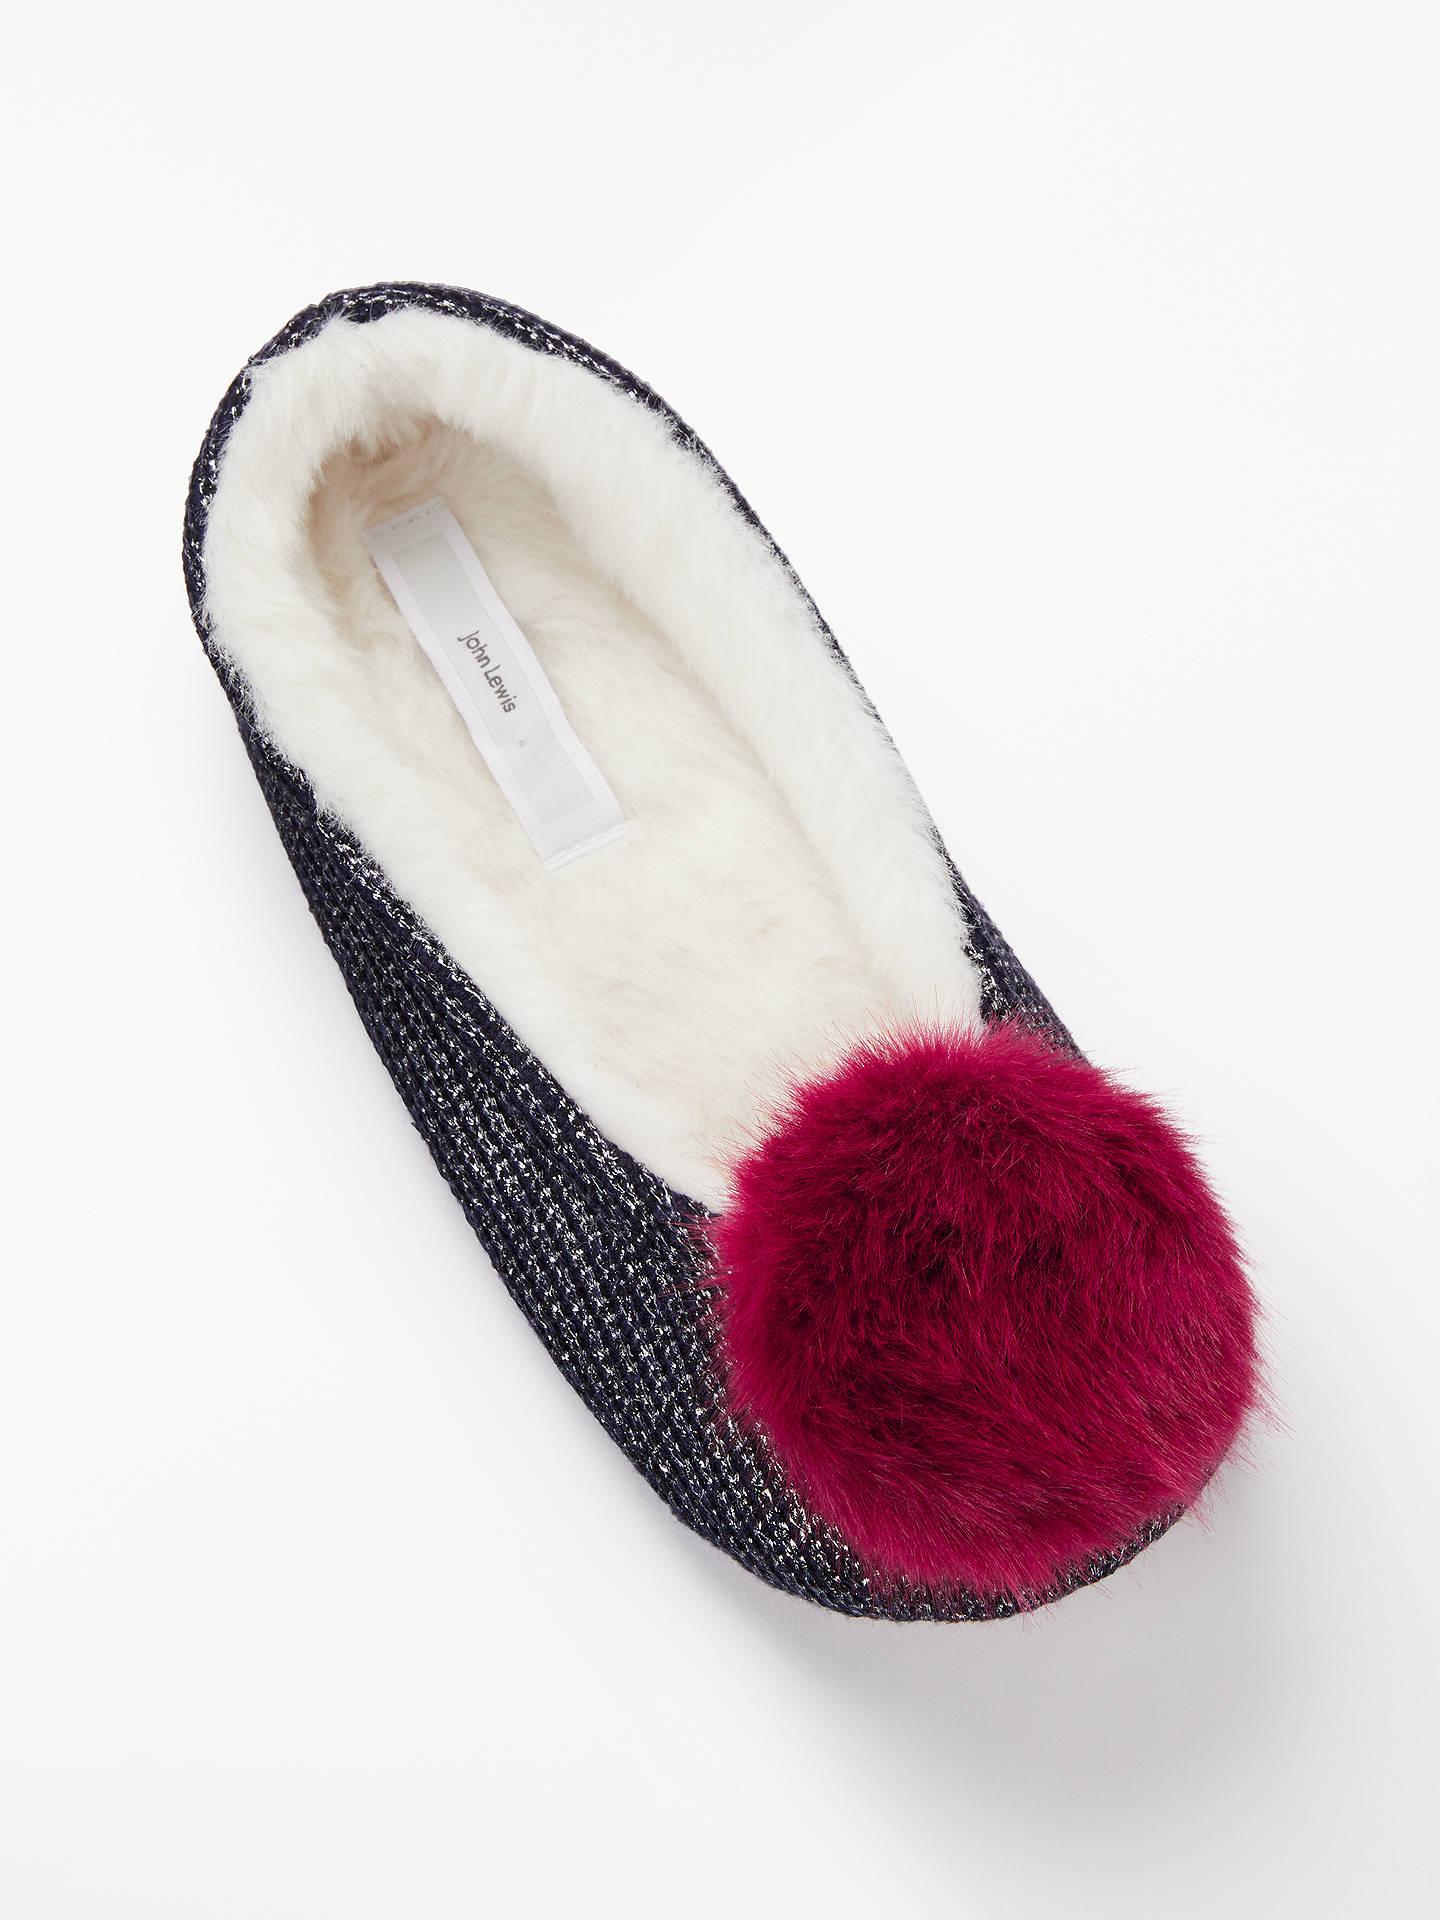 101d31e0a30 ... Buy John Lewis   Partners Pom Pom Ballet Slippers